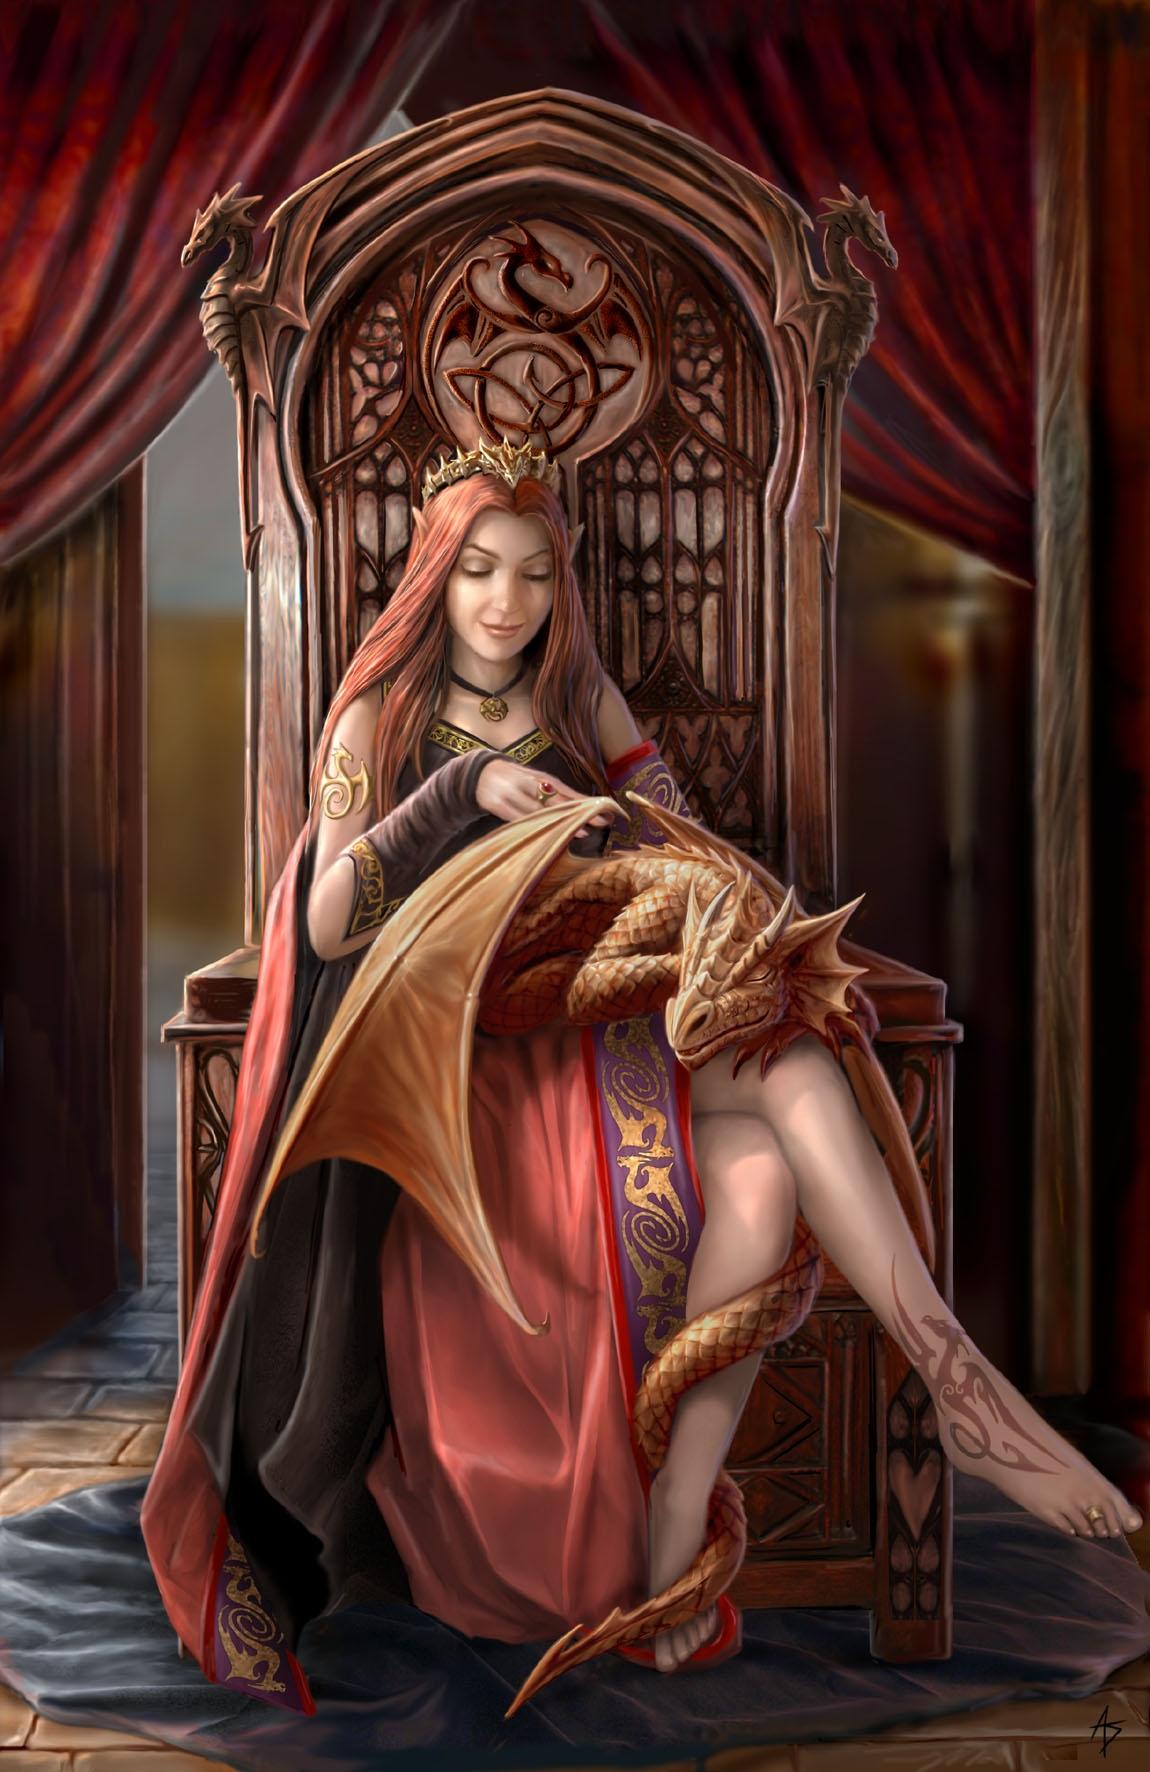 Fairies & Dragons - Magazine cover